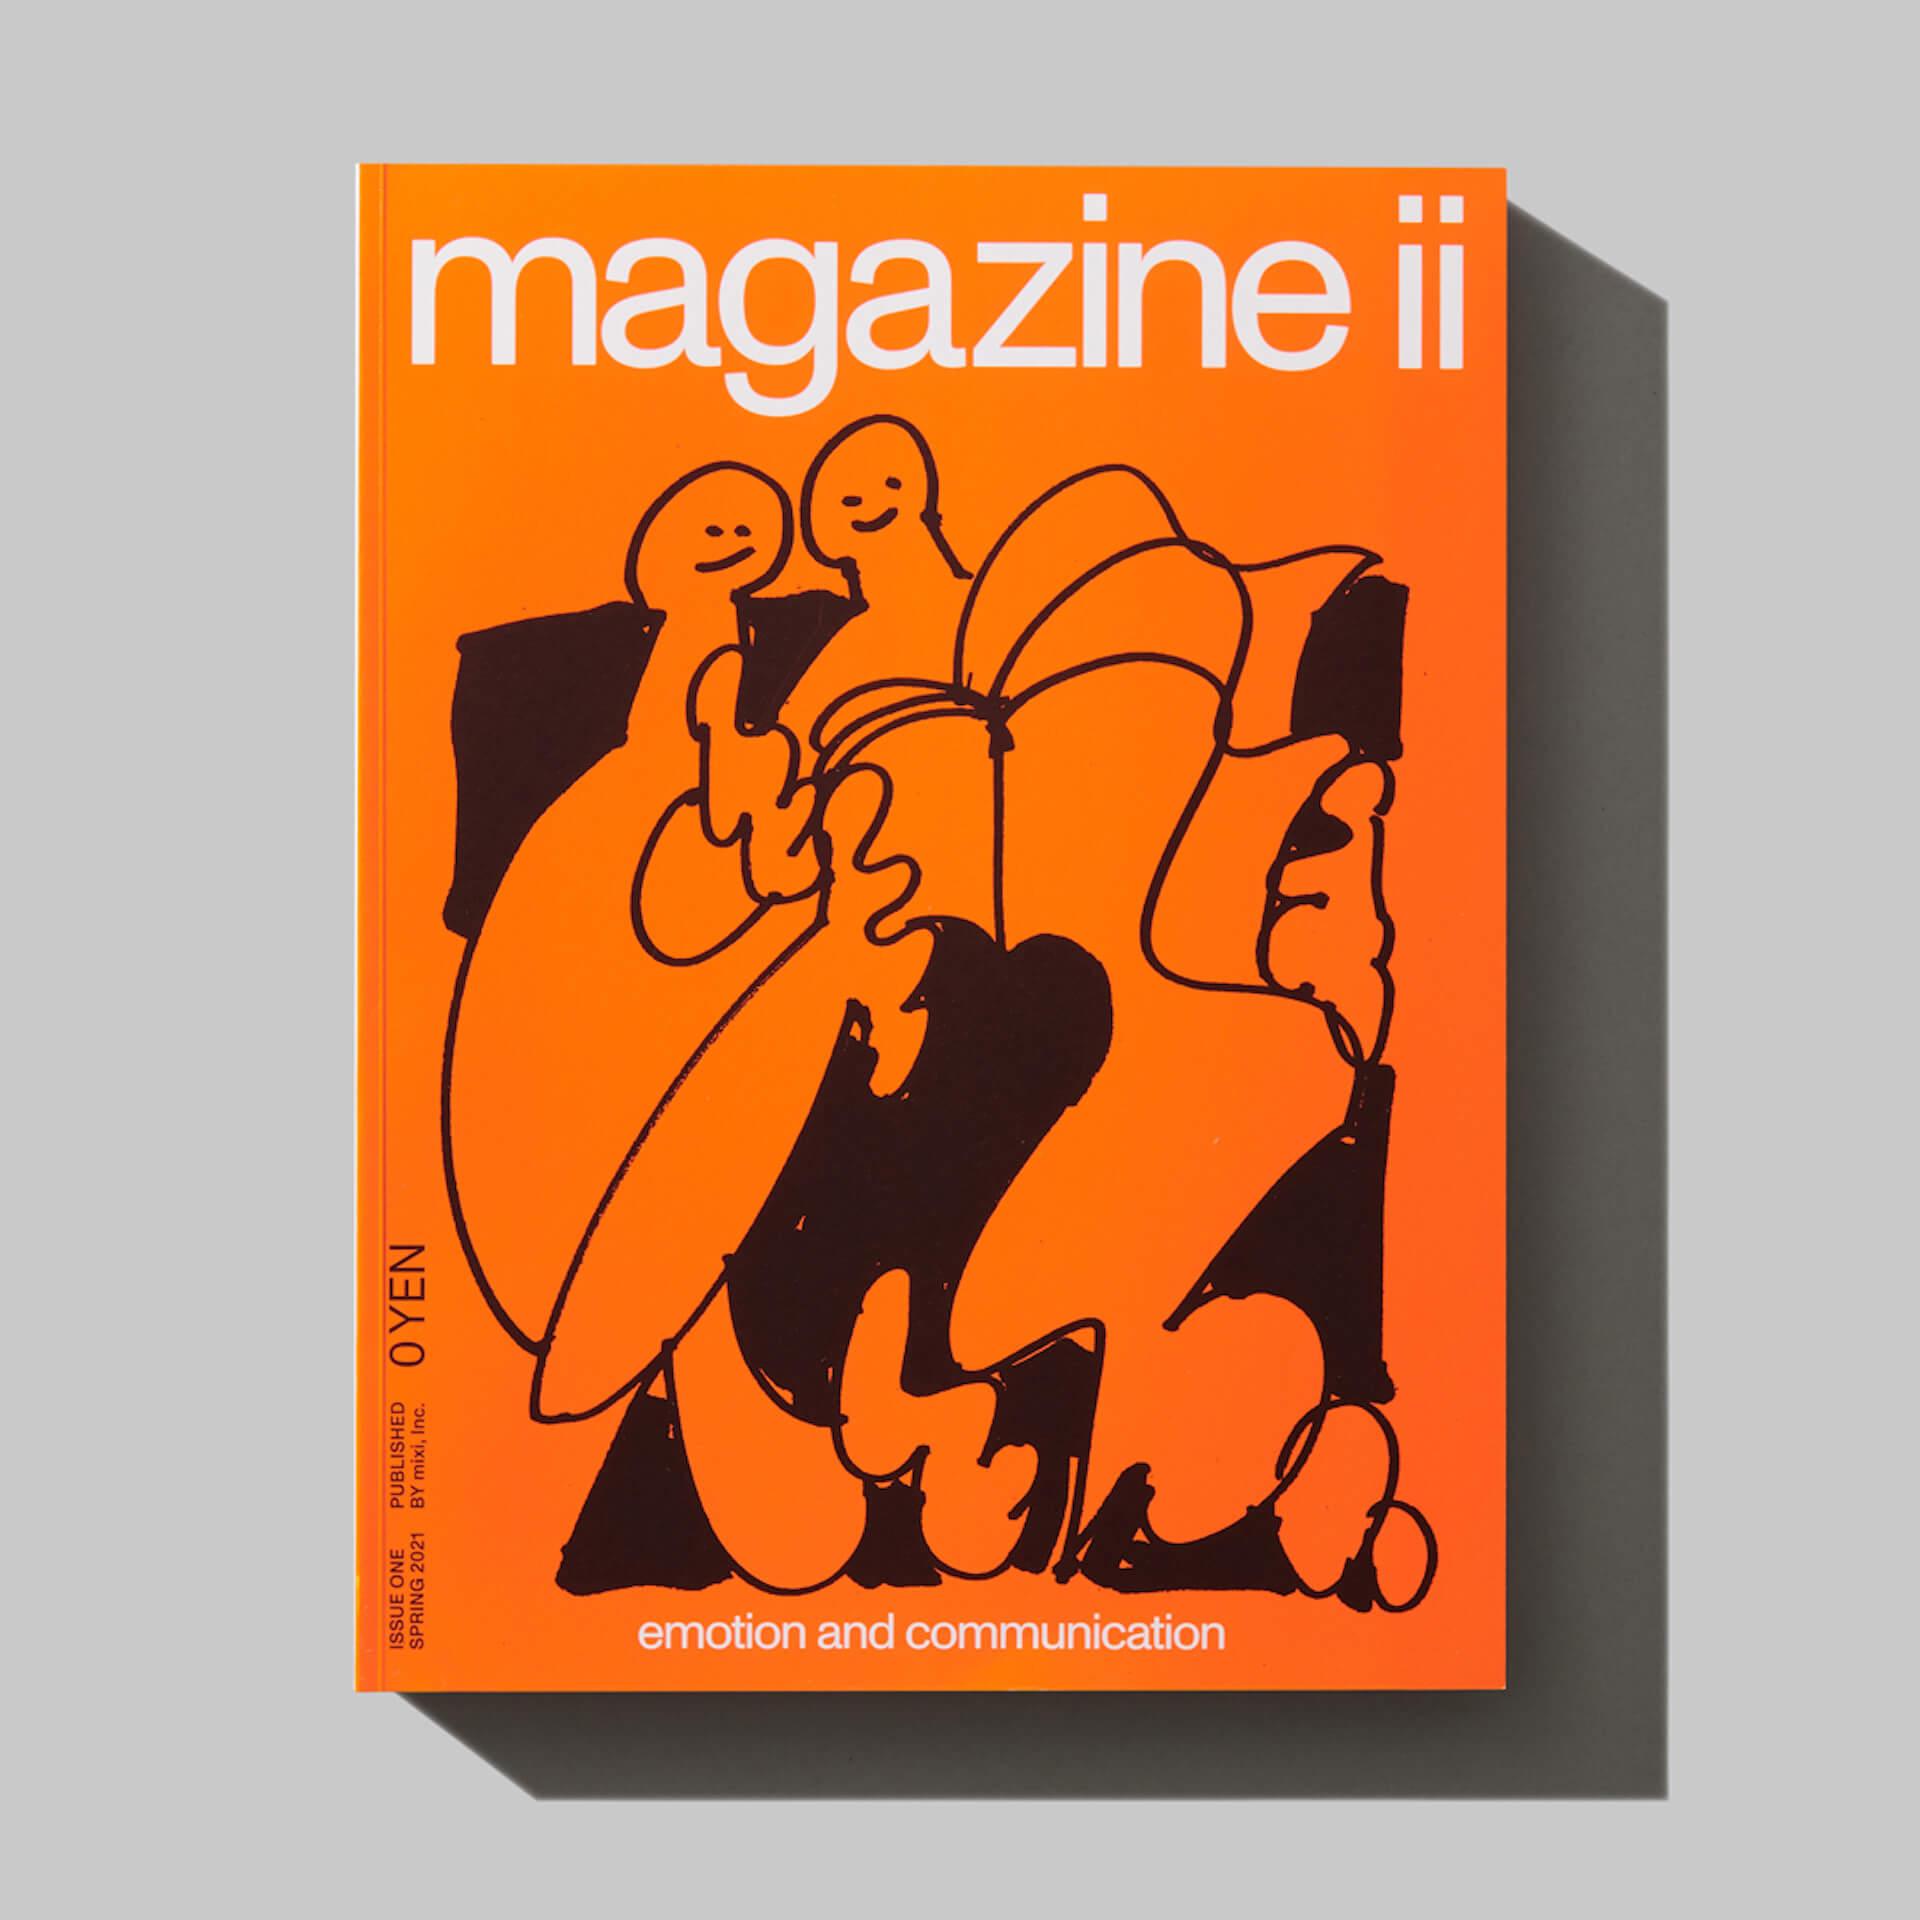 コミュニケーションとエモーションがテーマの雑誌「magazine ii」が創刊|野田洋次郎×奥山由之対談&CHARAとHIMIの親子フォトセッションなど掲載 art210408_magazine2_1